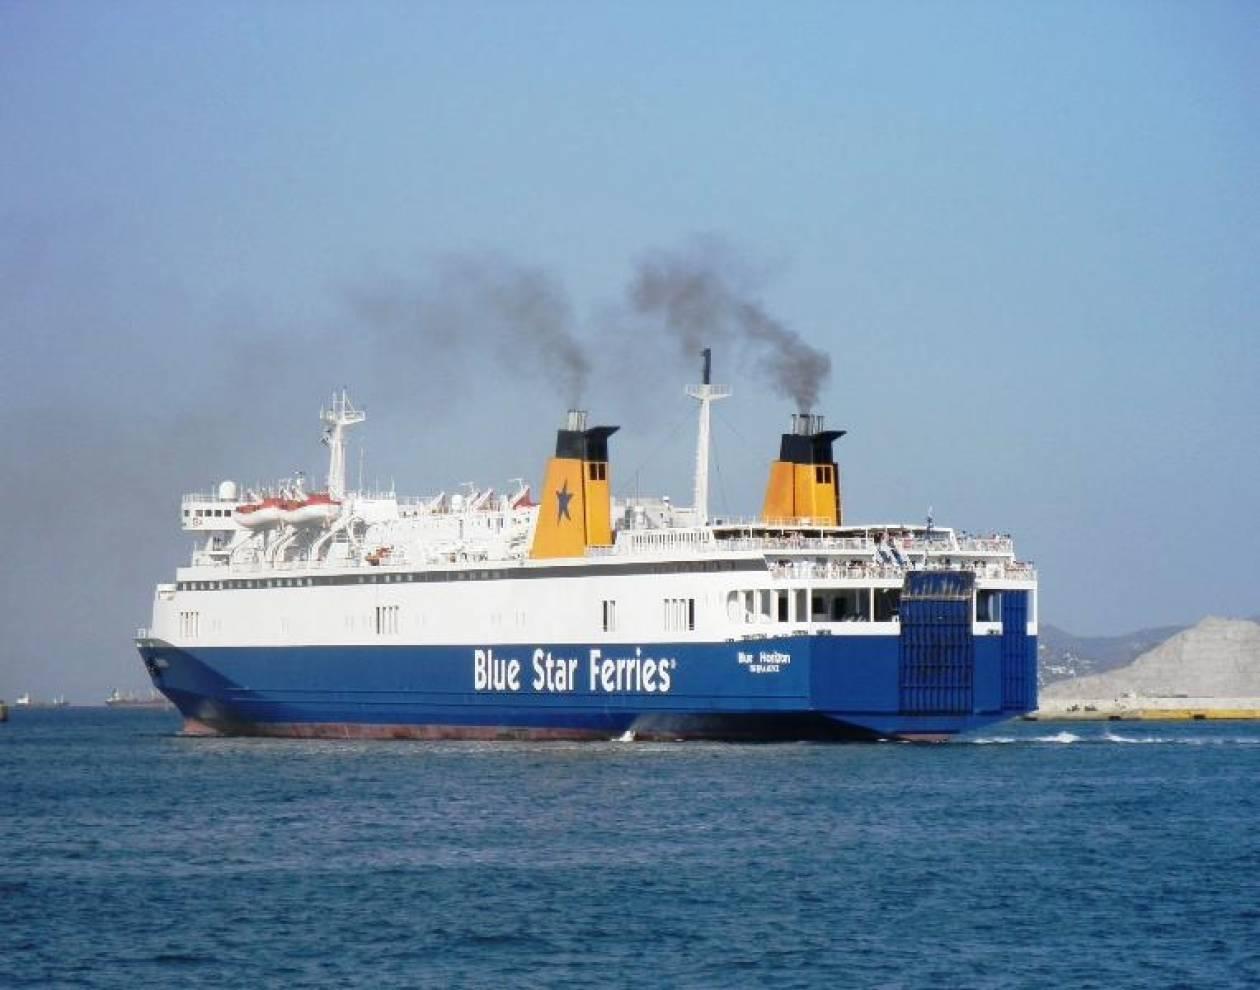 Ταλαιπωρία για τους επιβάτες πλοίου στη Σαντορίνη